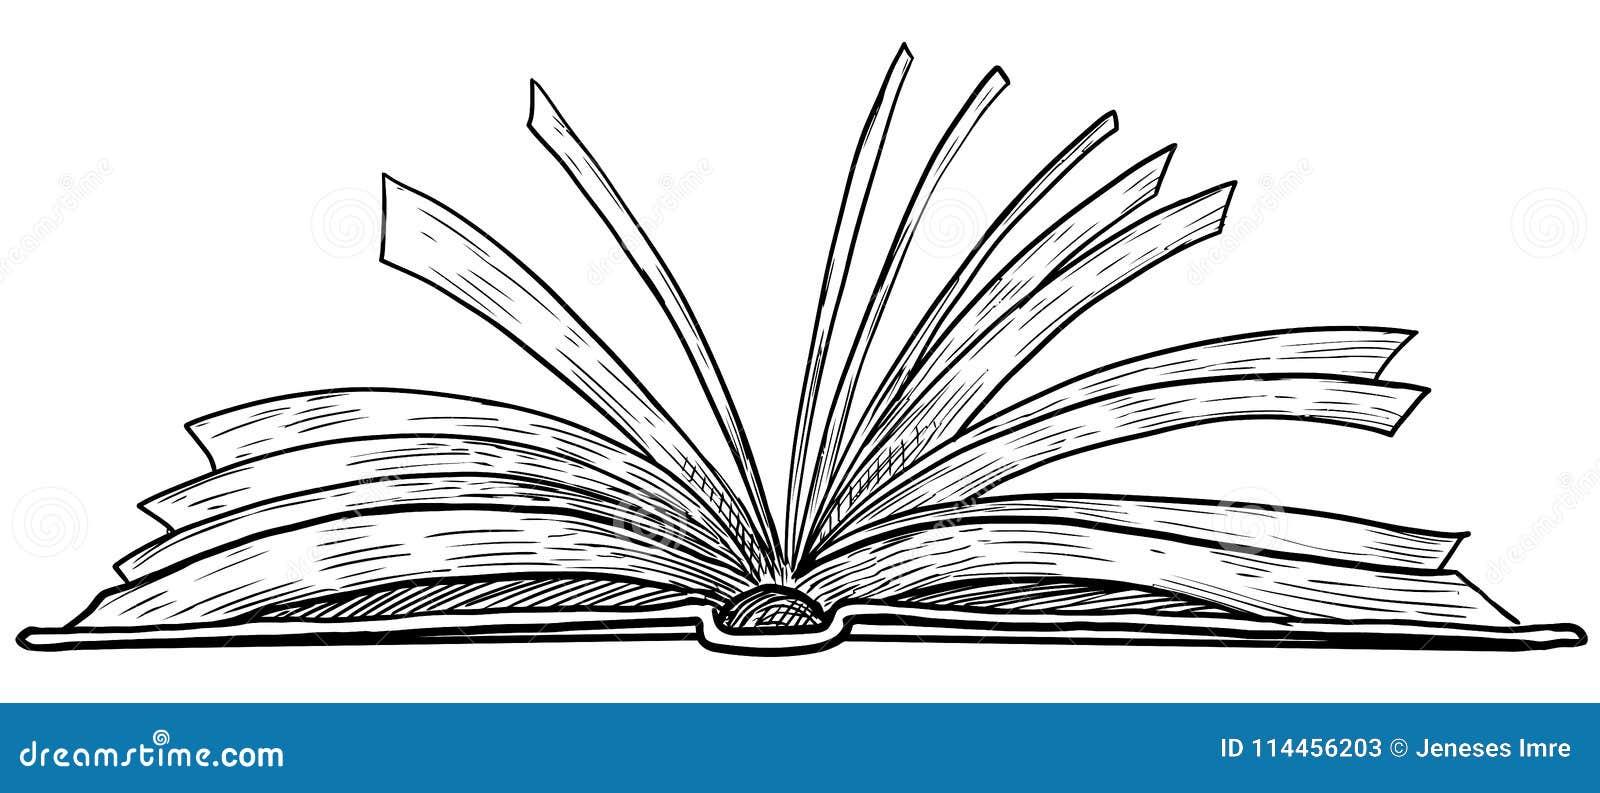 Ouvrez L Illustration De Livre Dessin Gravure Encre